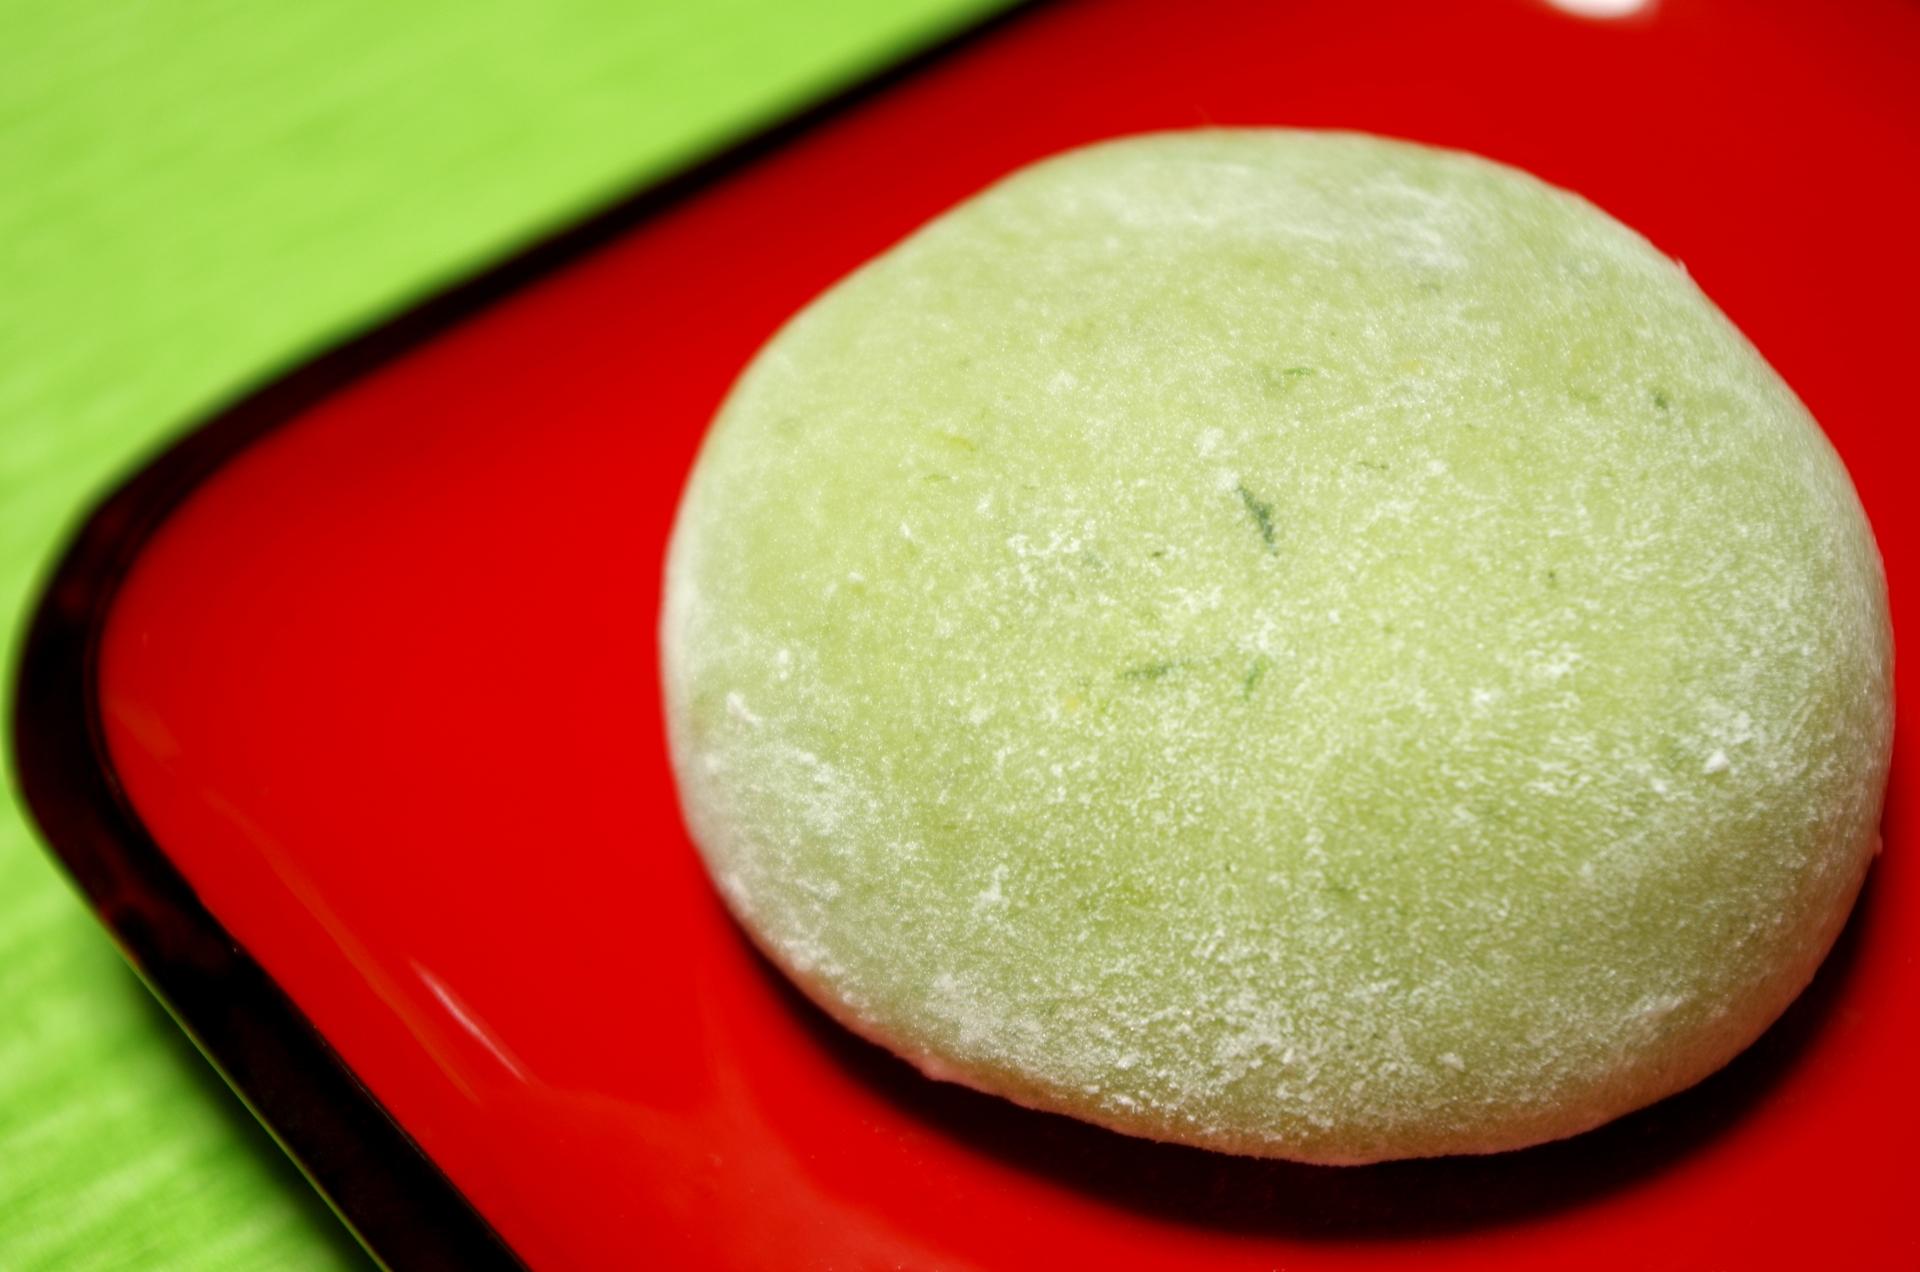 吉田松陰の大好物は、大福(だいふく)餅。ストイックな生活の中で唯一の贅沢品だった!